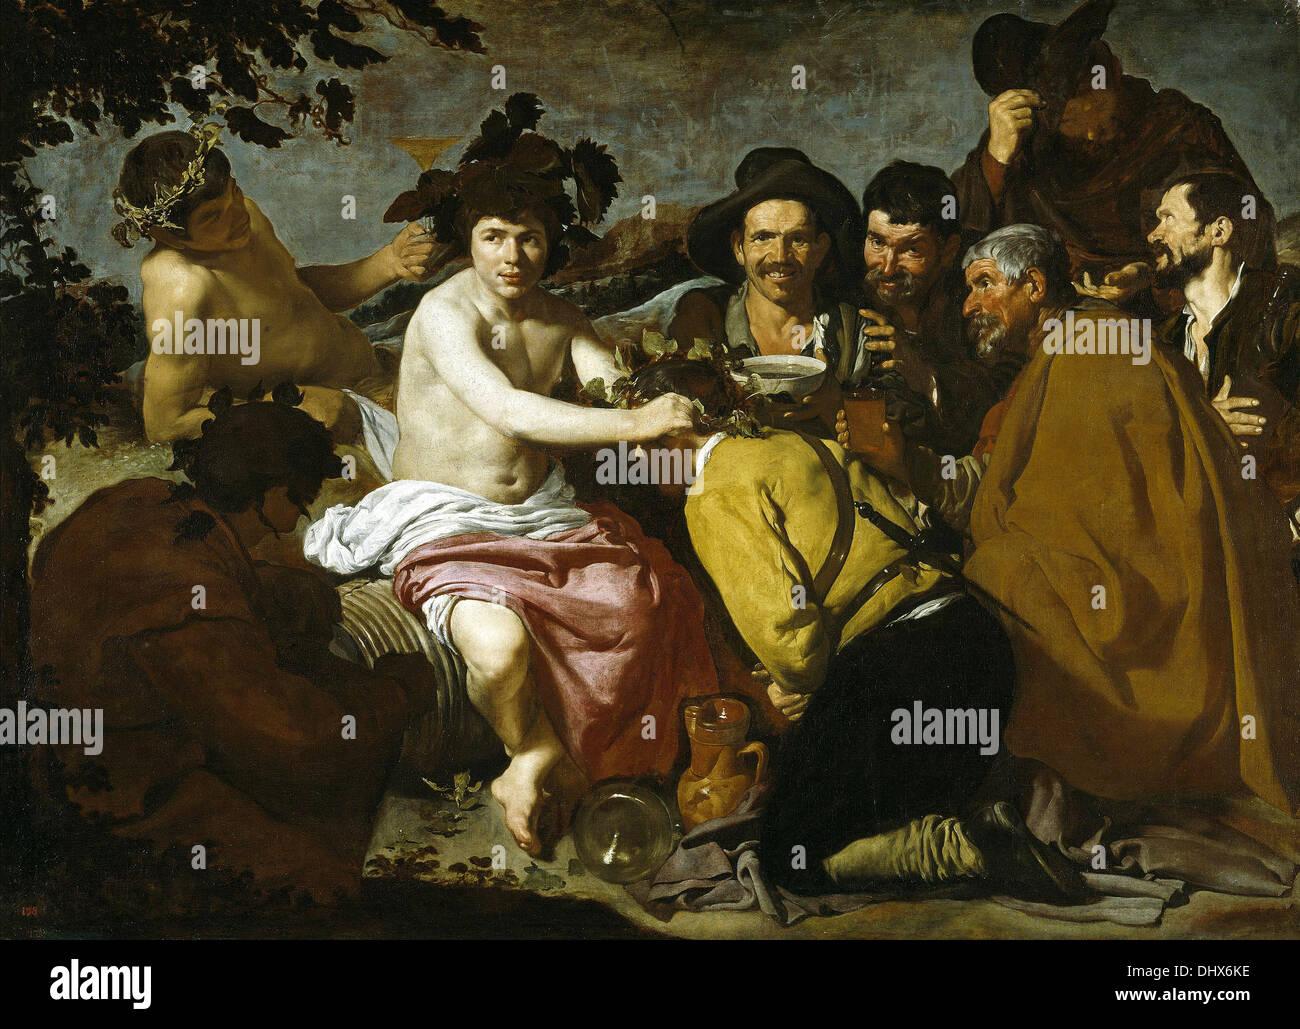 Los borrachos - by Diego Velázquez, 1629 - Stock Image